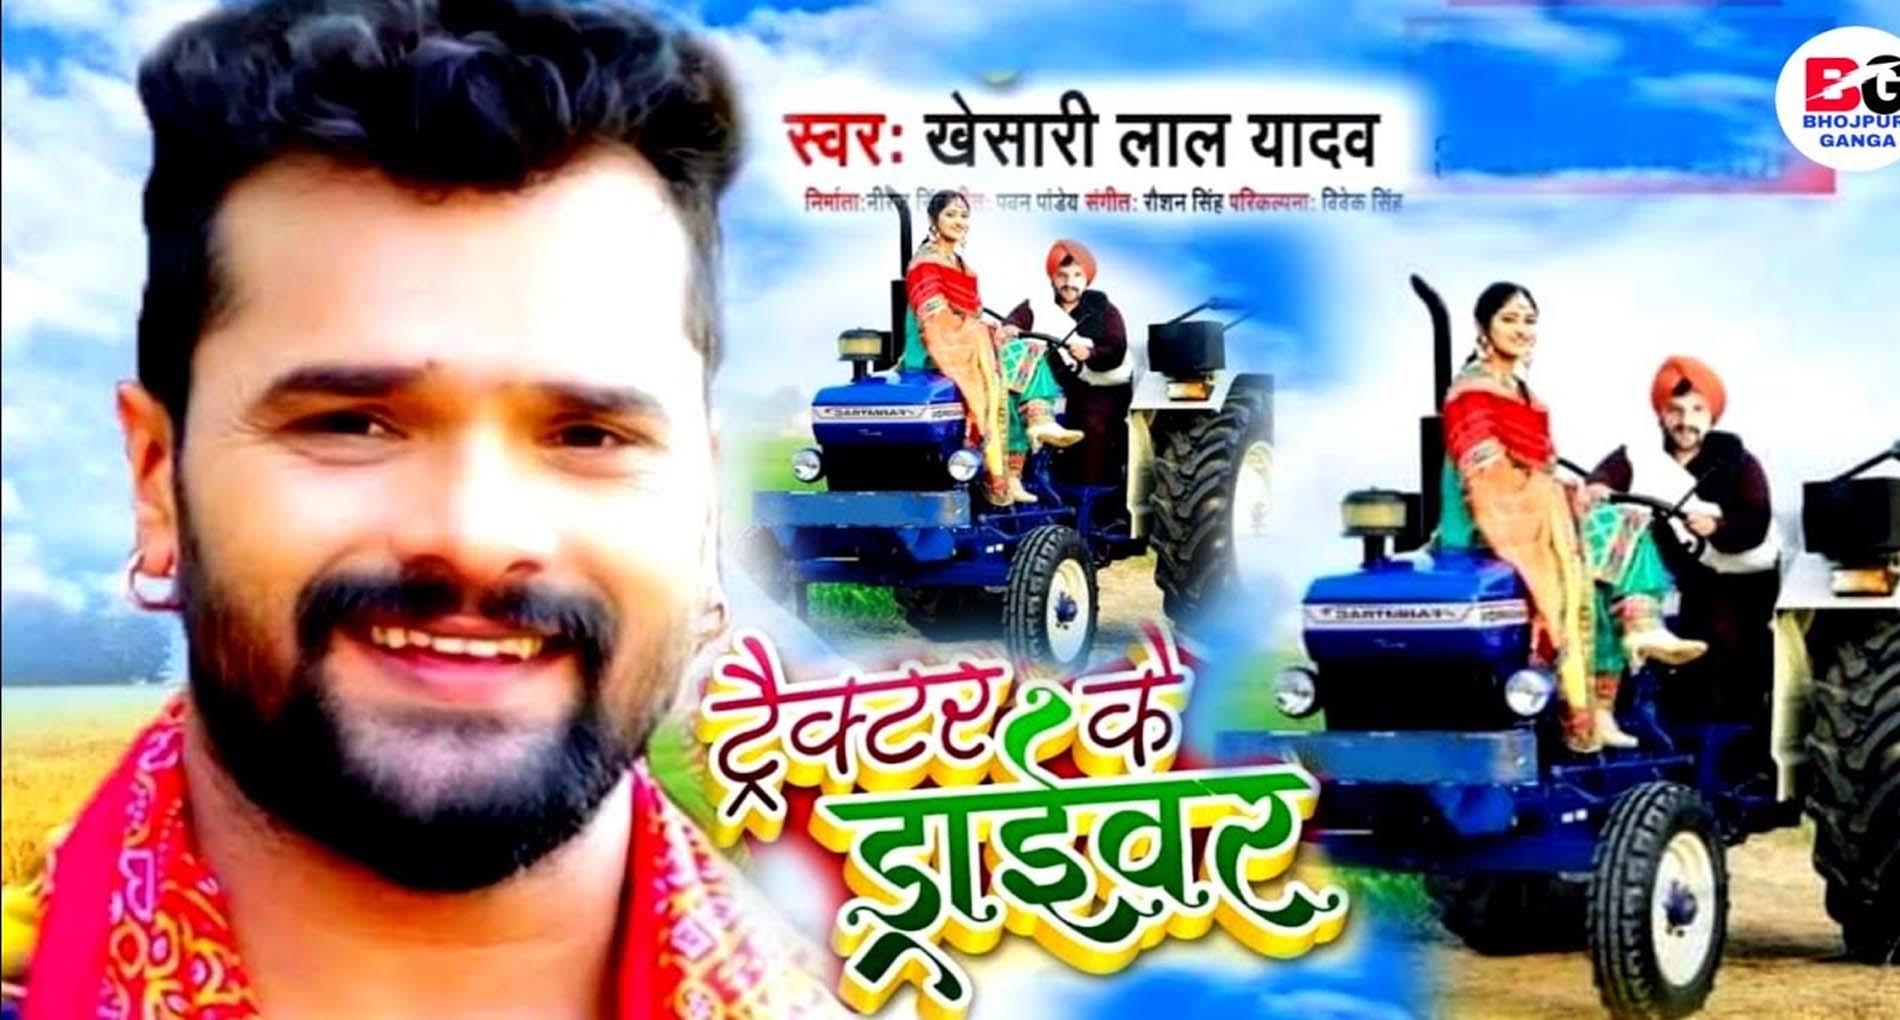 Khesari Lal Yadav Bhojpuri Song: रिलीज के साथ ही छाया खेसारी लाल का गाना 'ट्रैक्टर के ड्राईवर'!